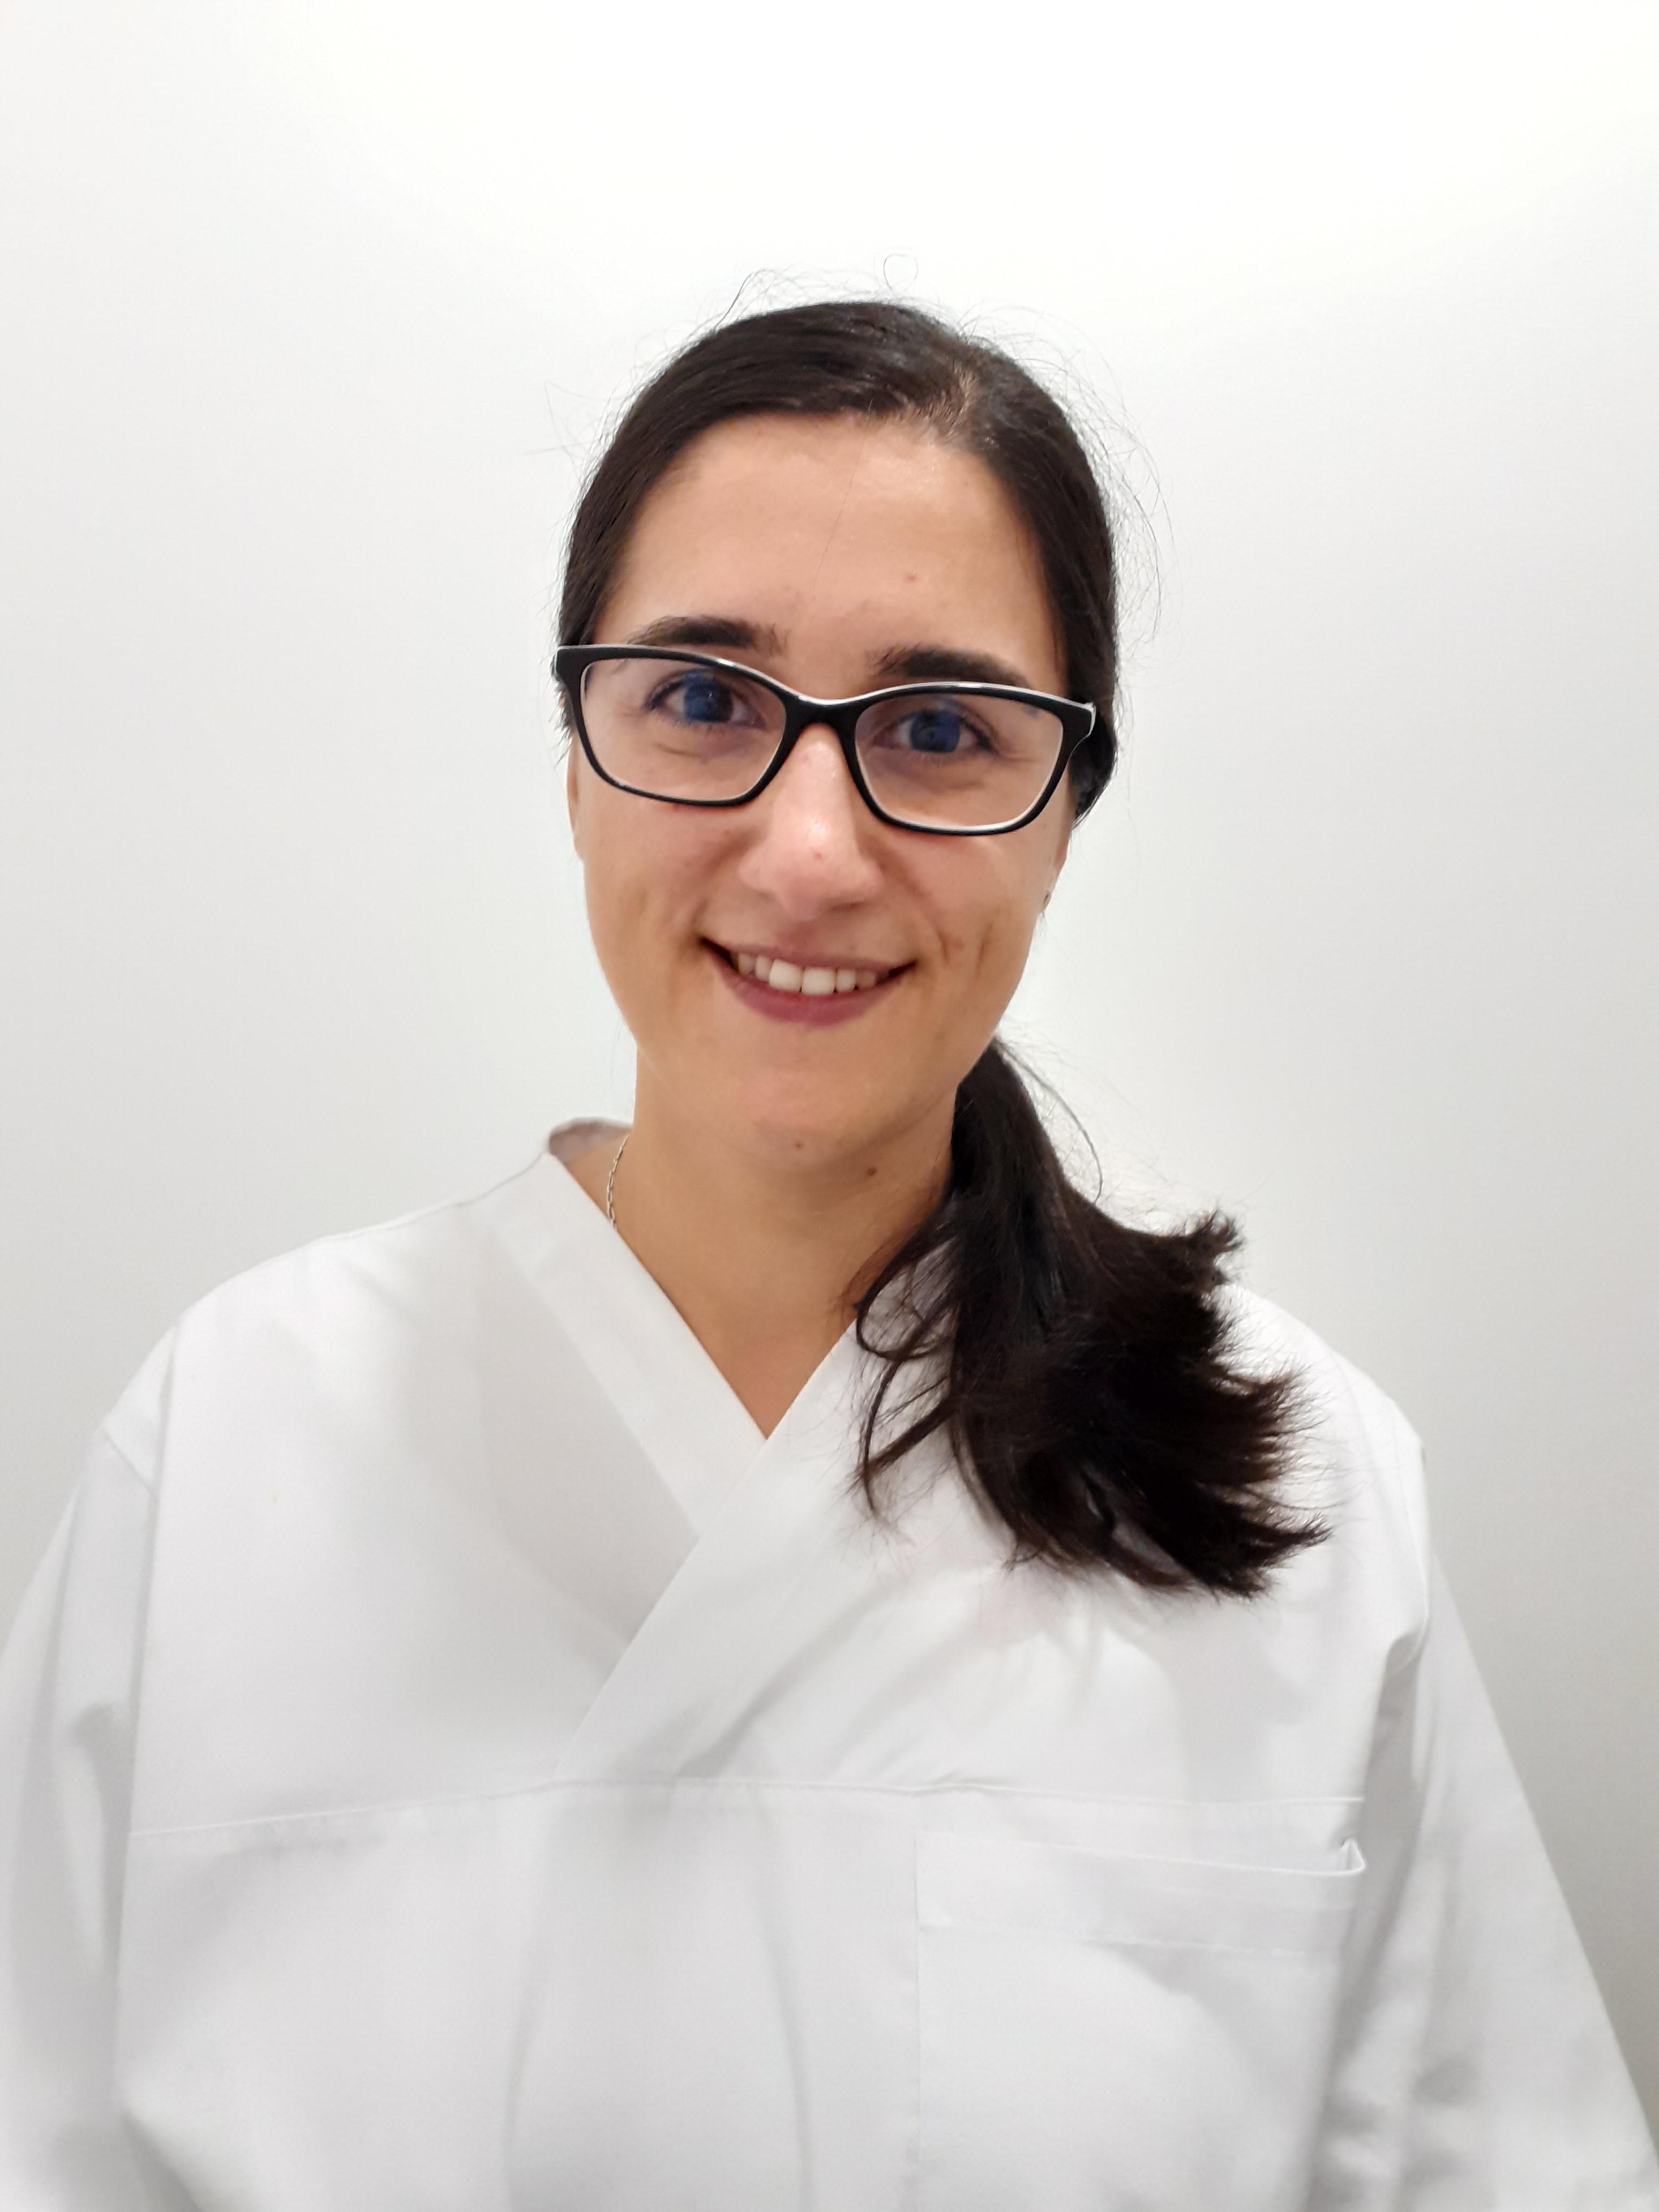 Filipa Meneses